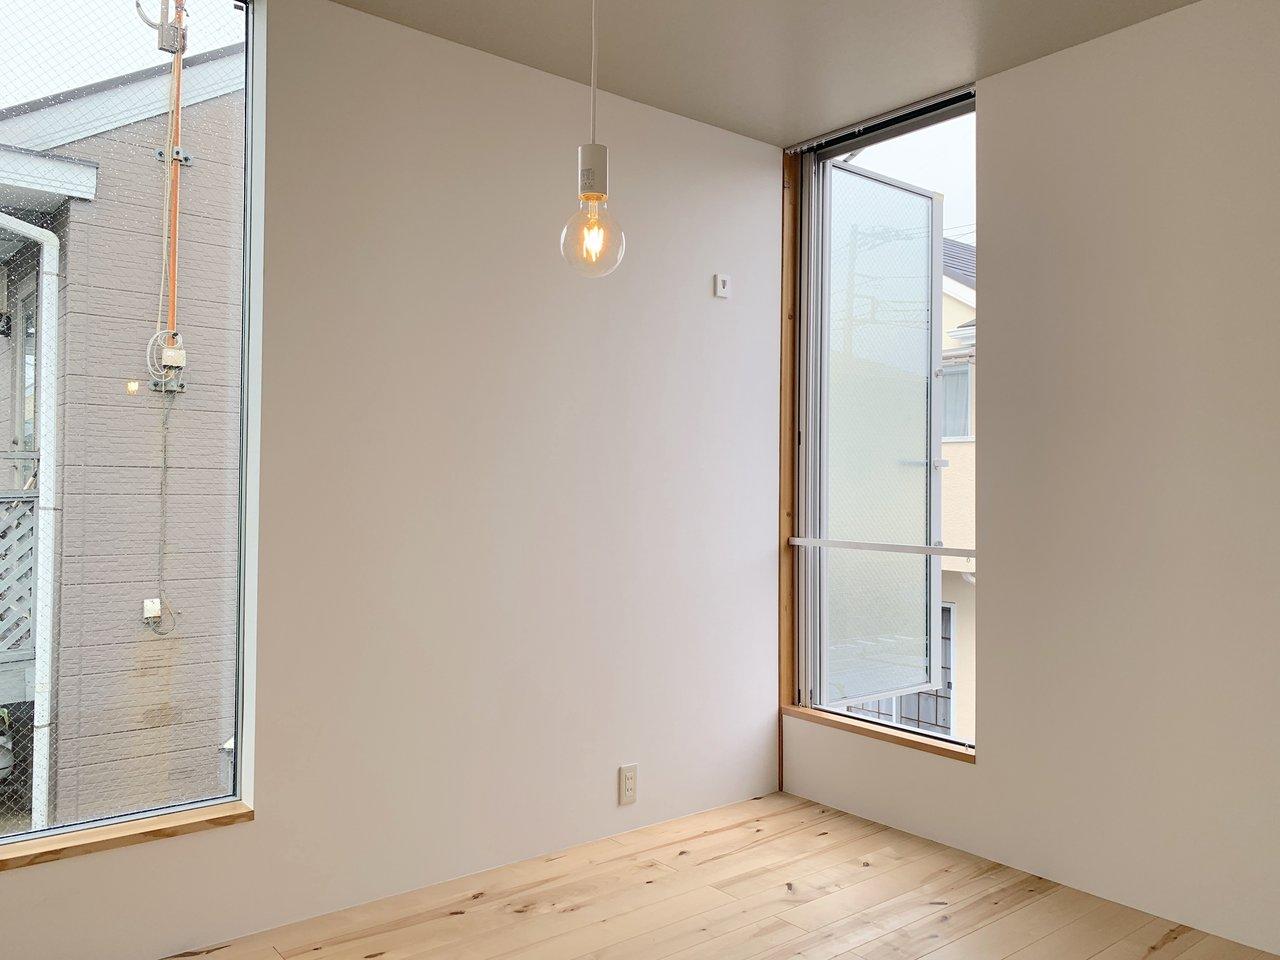 2階はリビング兼寝室。4.5畳と、少しコンパクトなので、荷物を極力なくしてシンプルに暮らすのが良さそう。